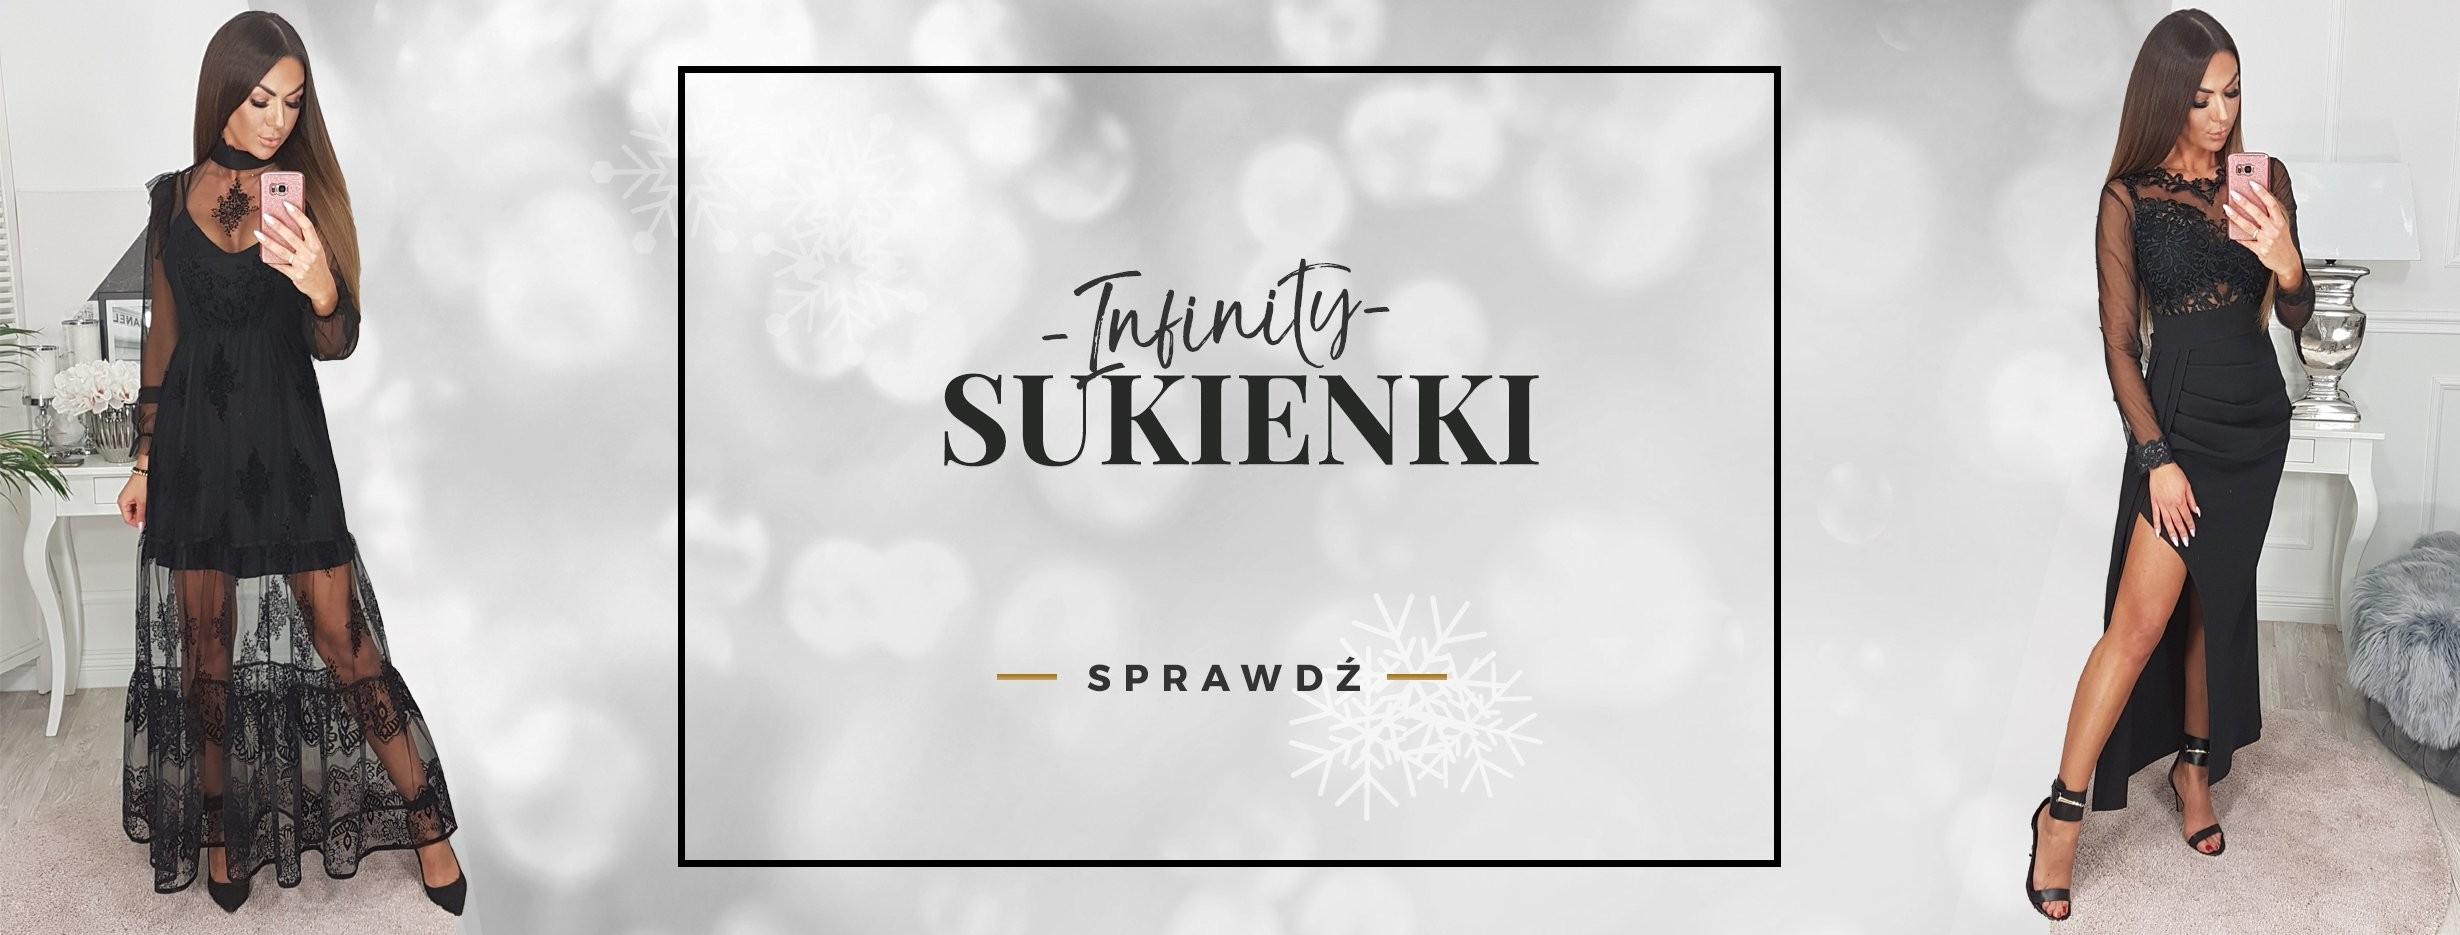 /thumbs/autoxauto/2018-12::1543861326-sukienki-dlugi.jpg